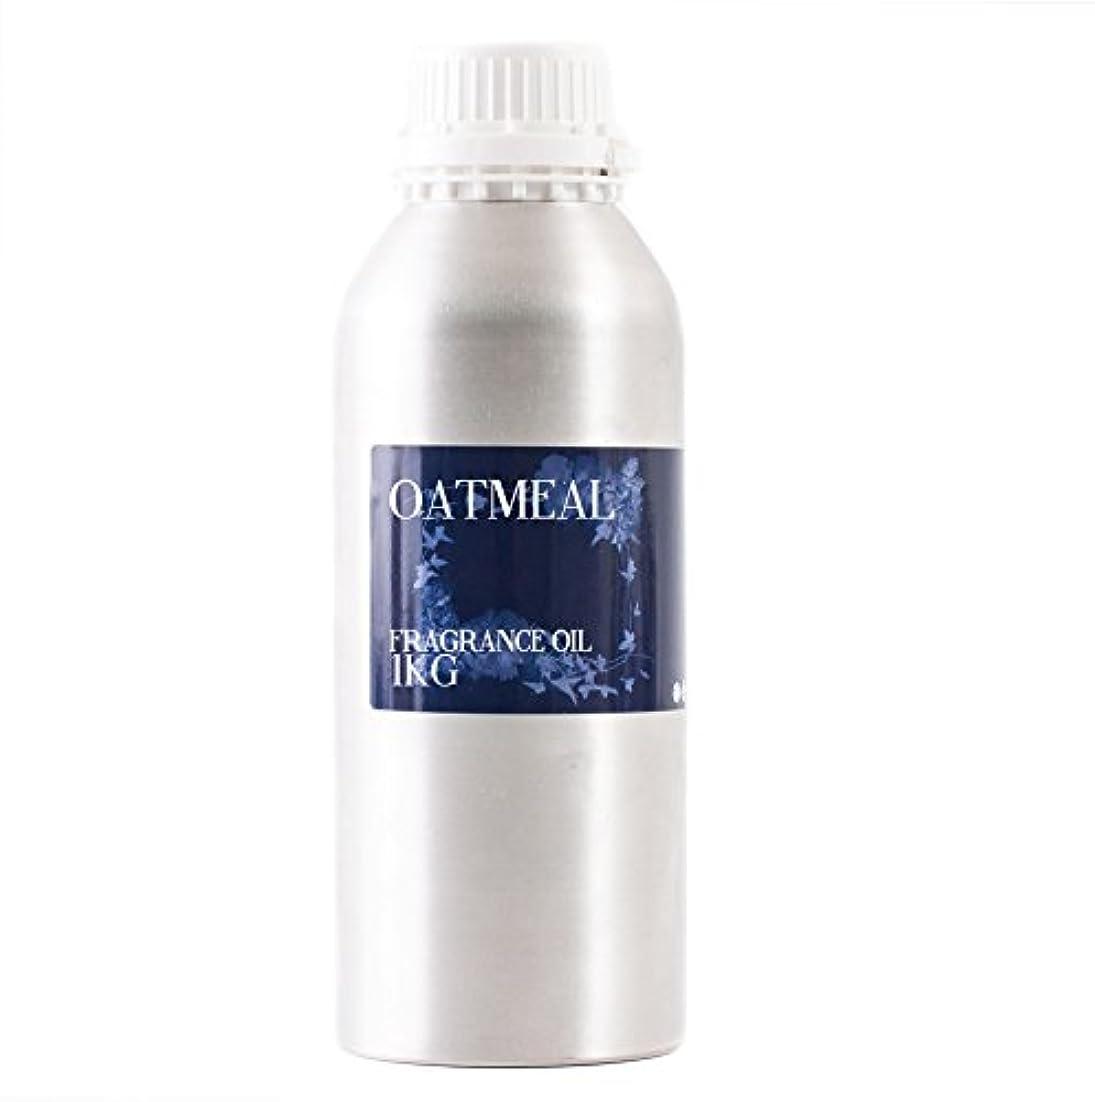 脚本毒緩やかなMystic Moments | Oatmeal Fragrance Oil - 1Kg